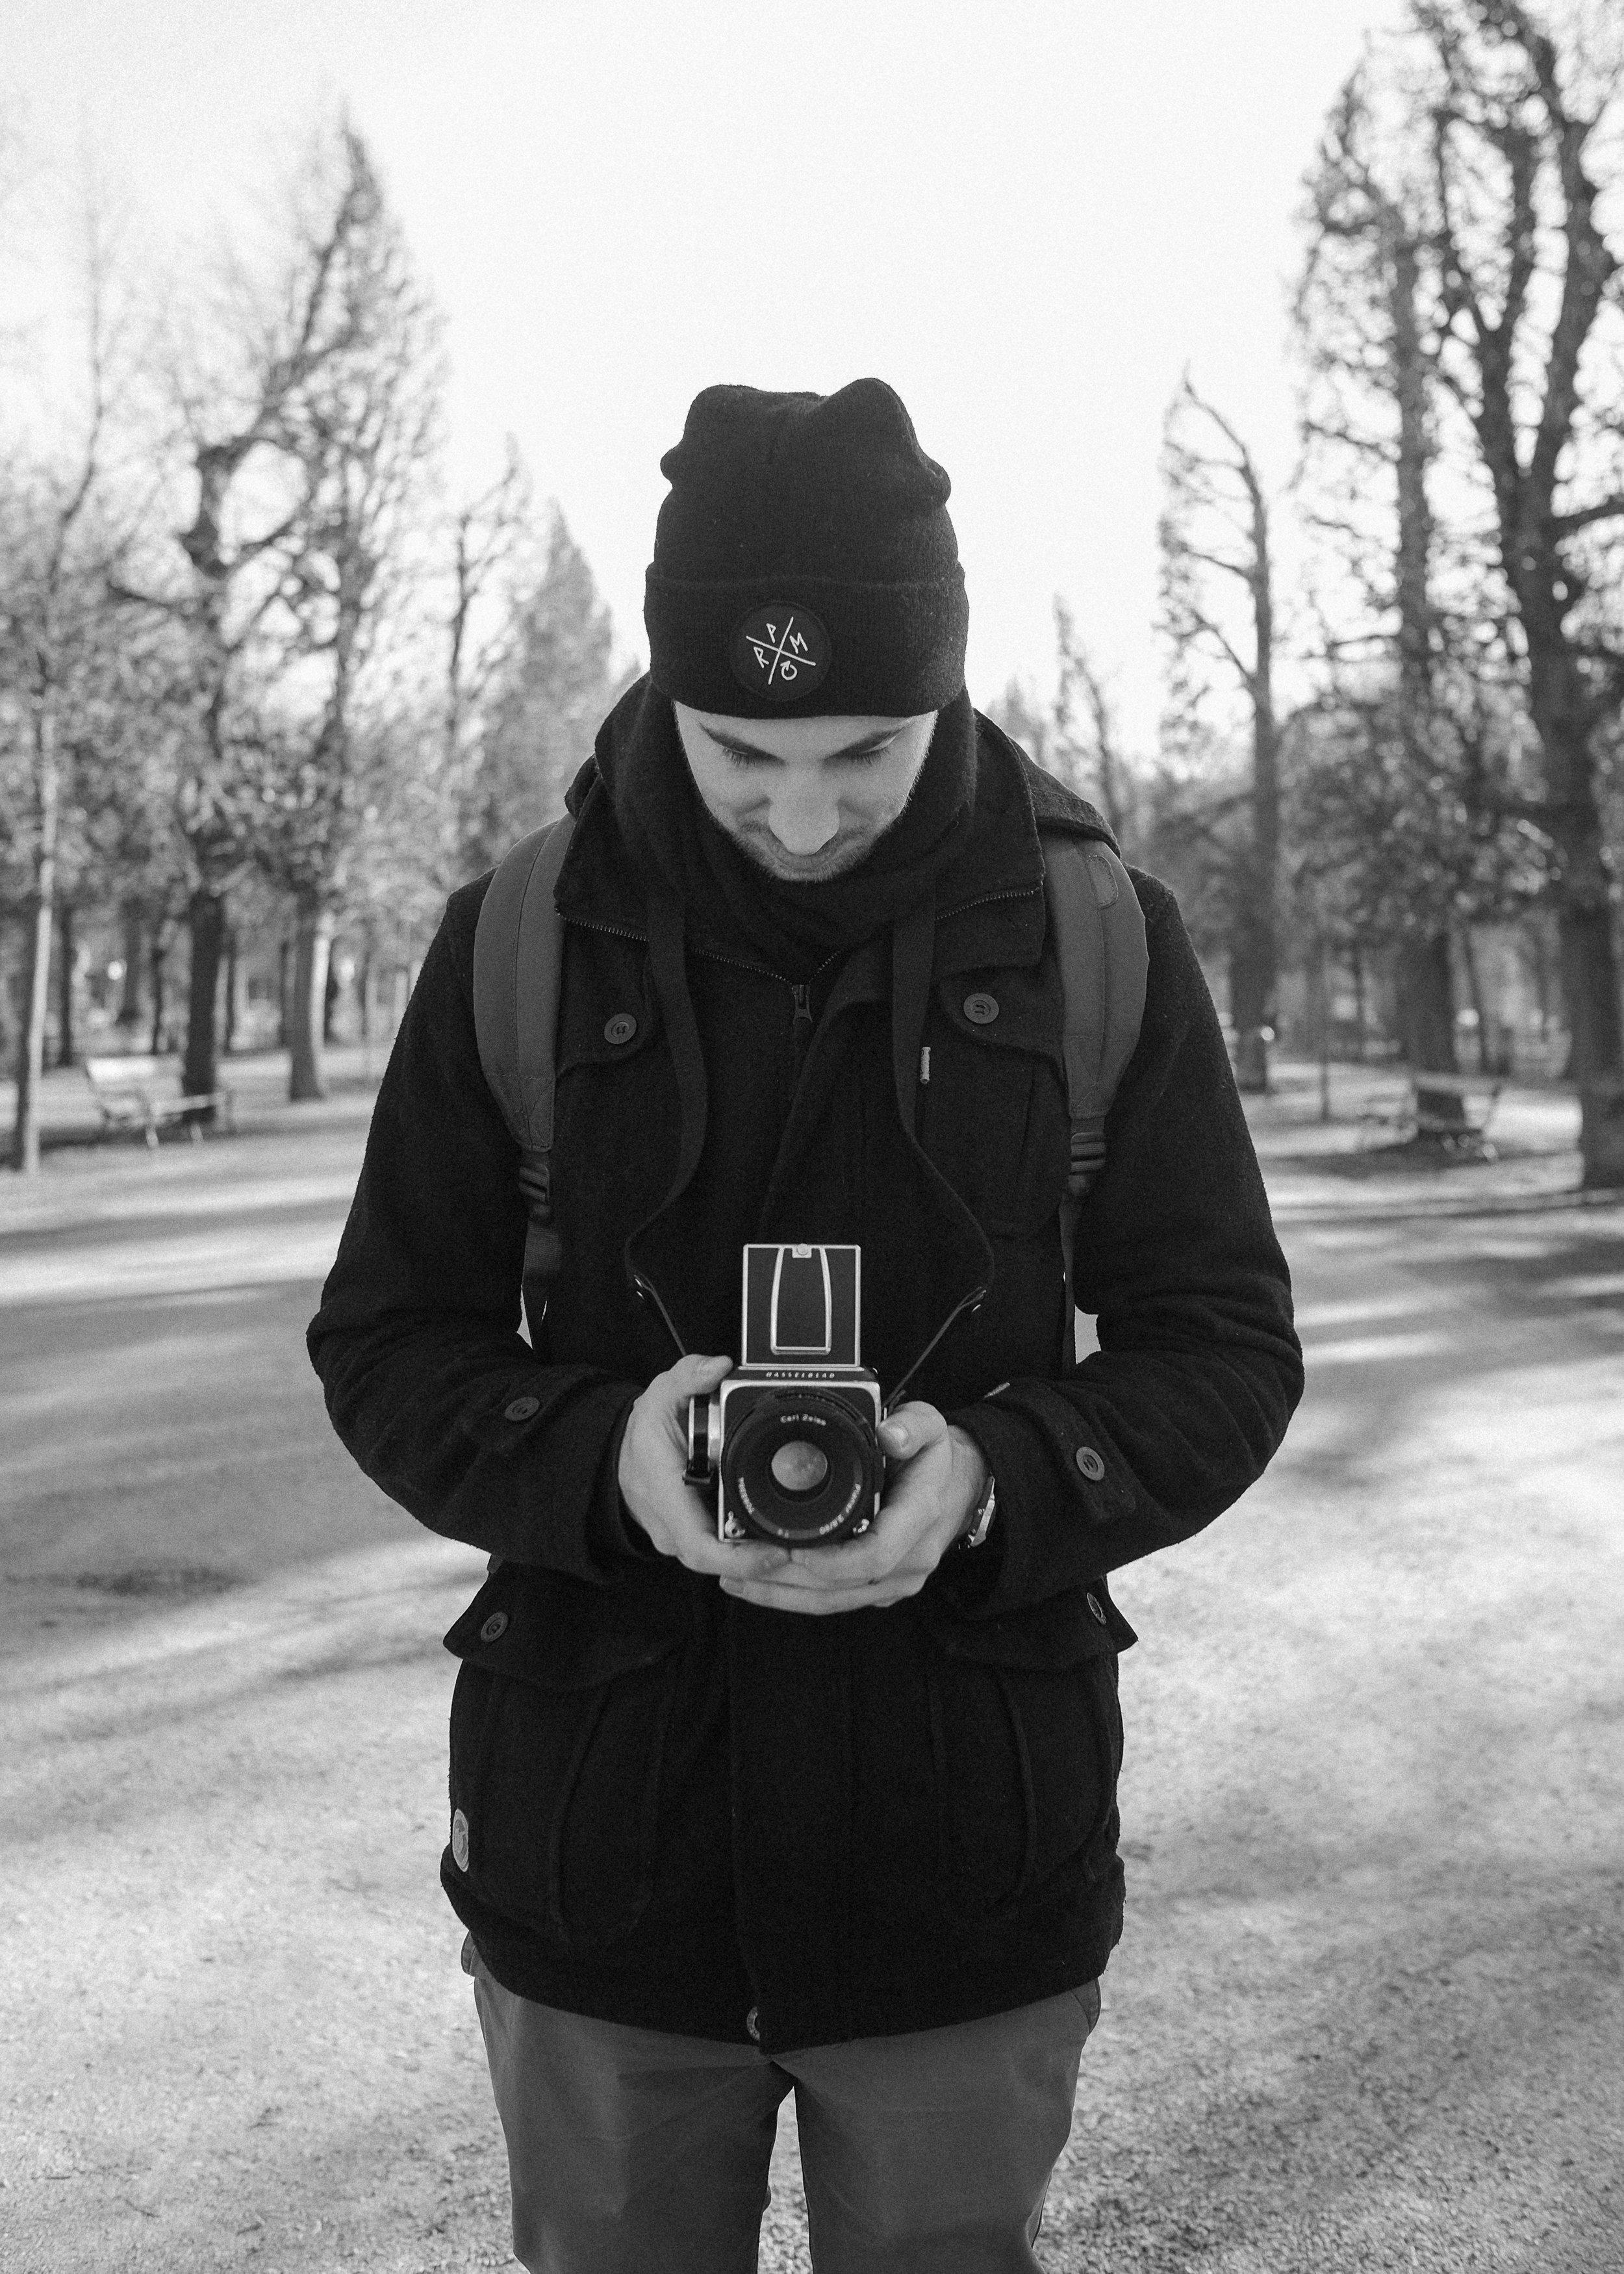 Photo by Lana Marsom